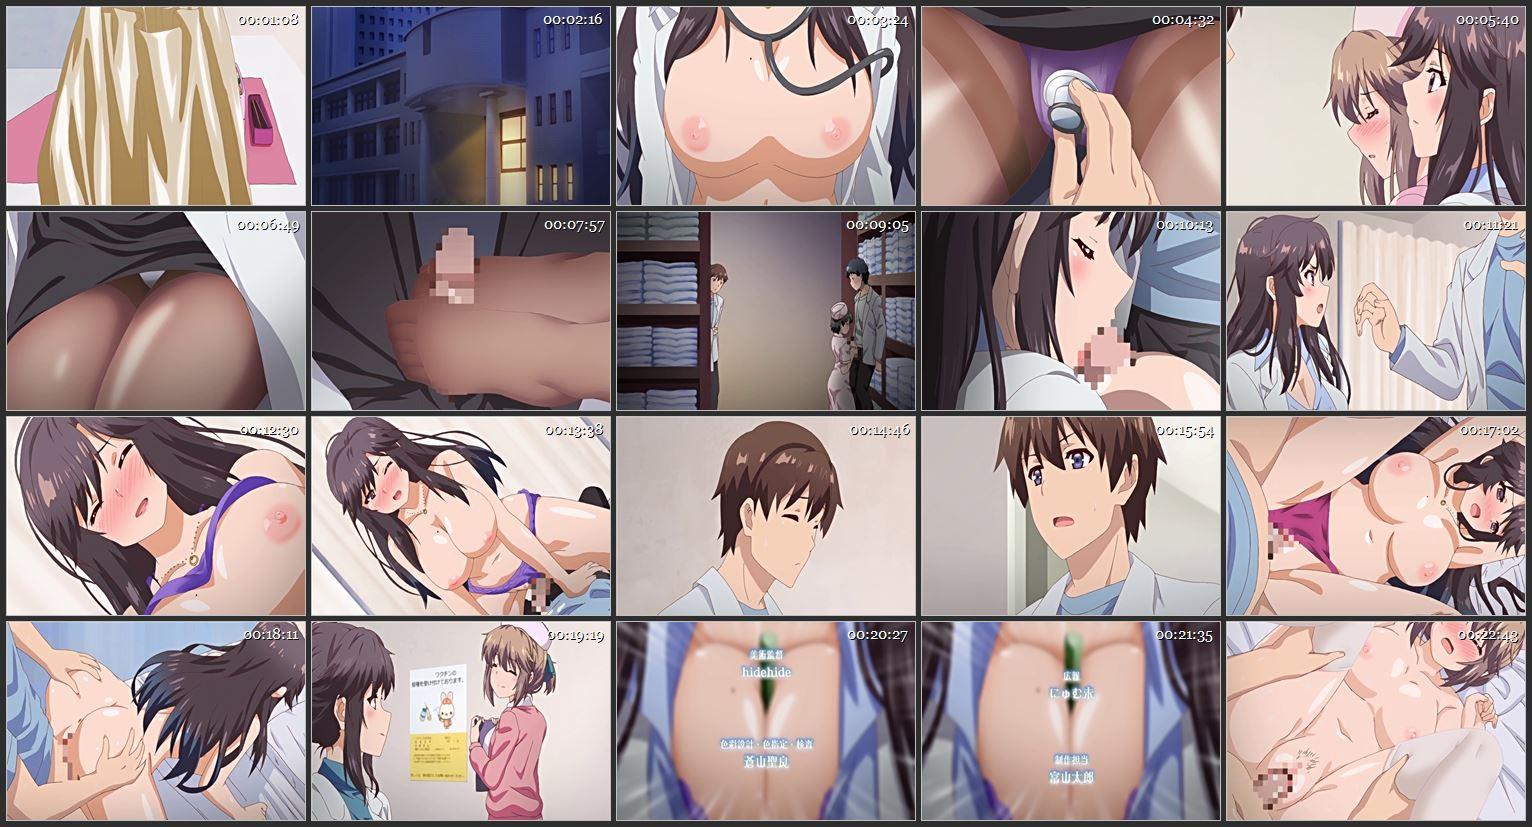 Anime Hentai Sem Censura